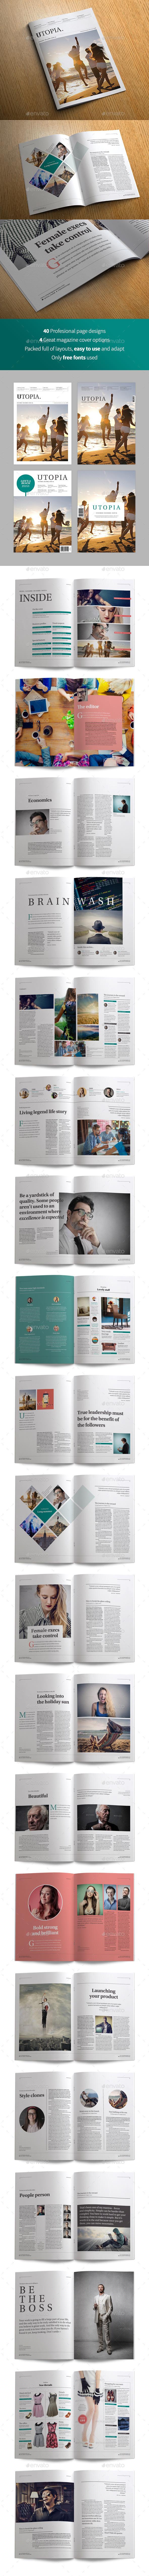 GraphicRiver Utopia Magazine 9686136